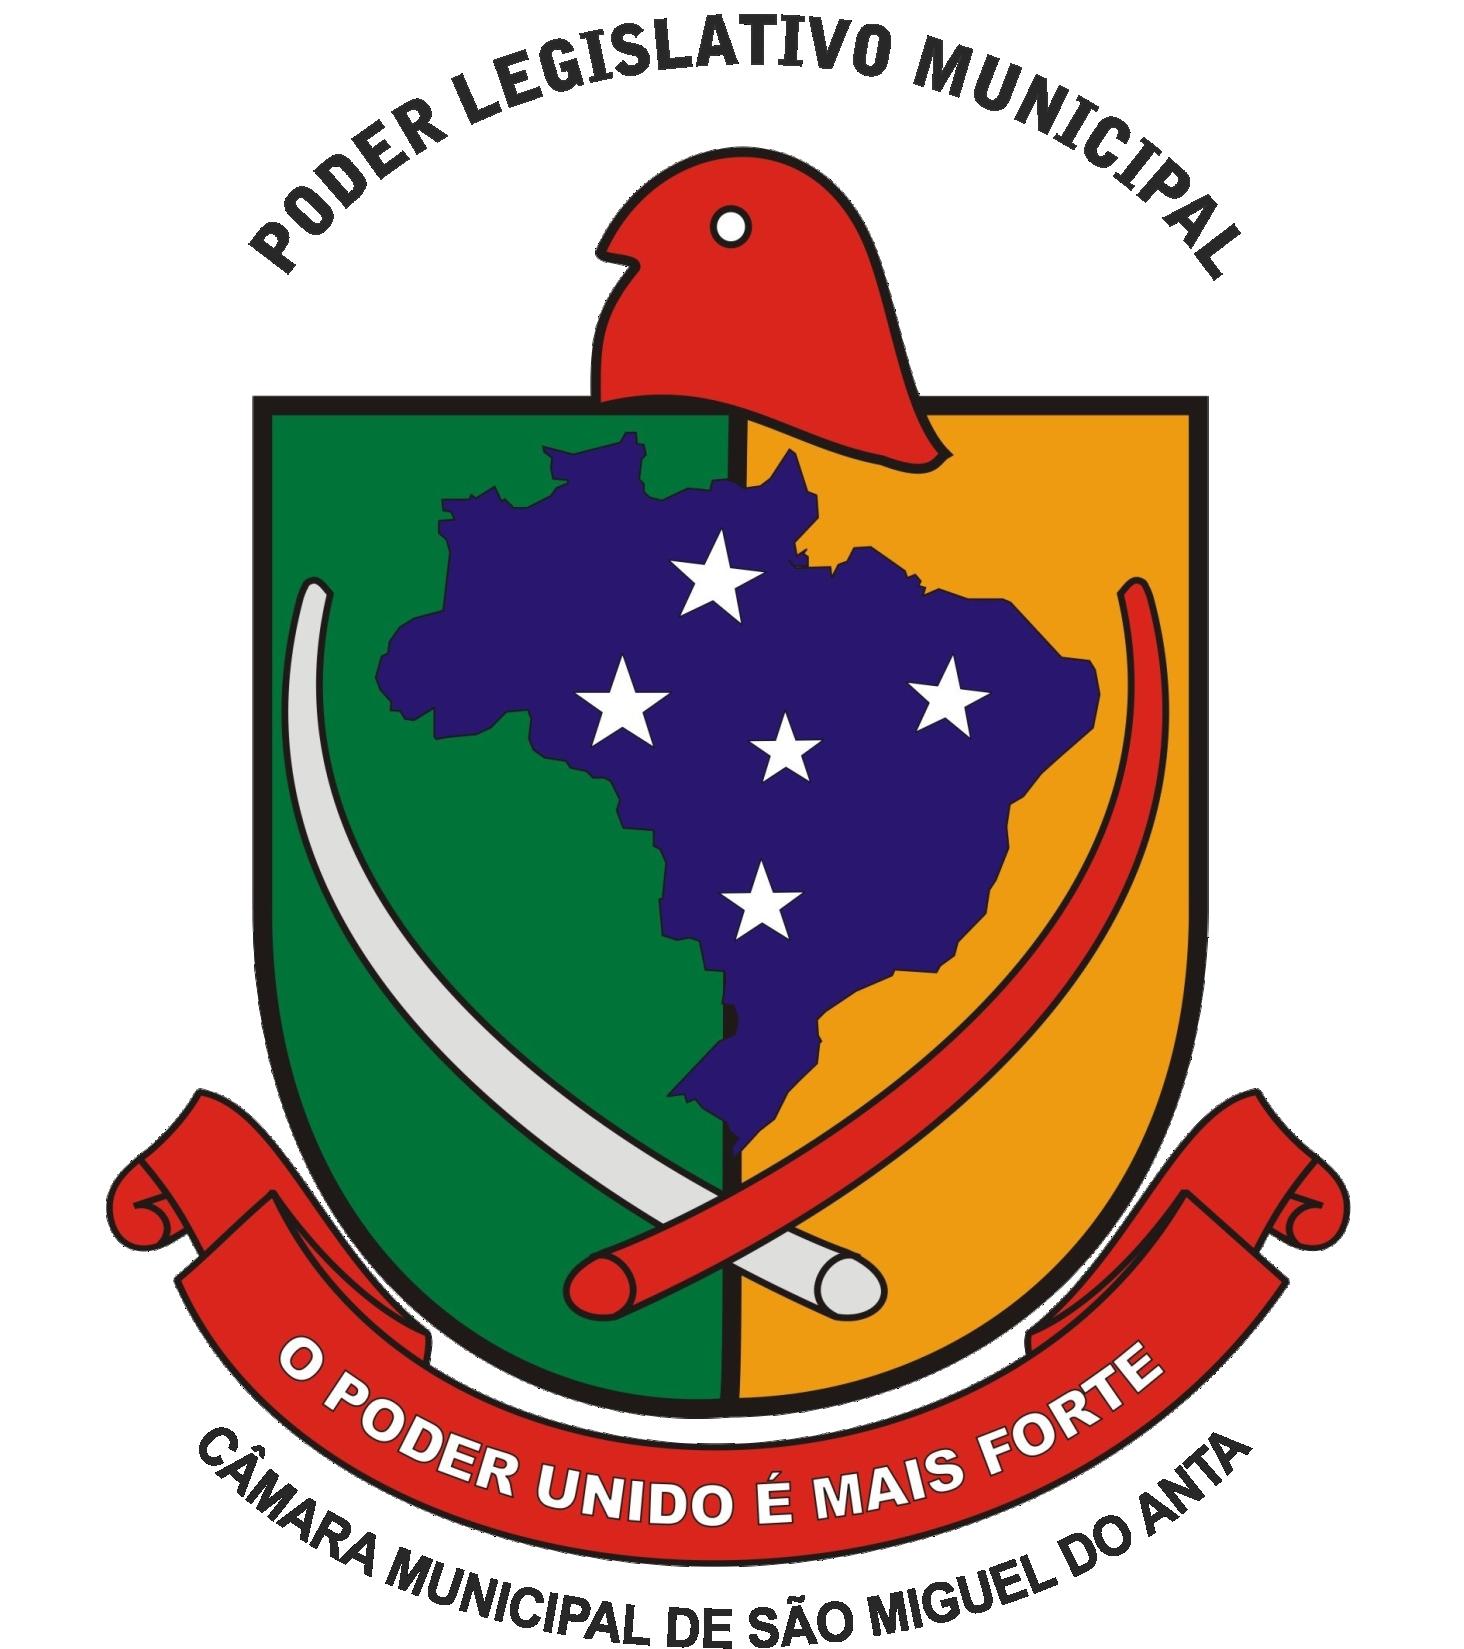 Câmara Municipal de São Miguel do Anta